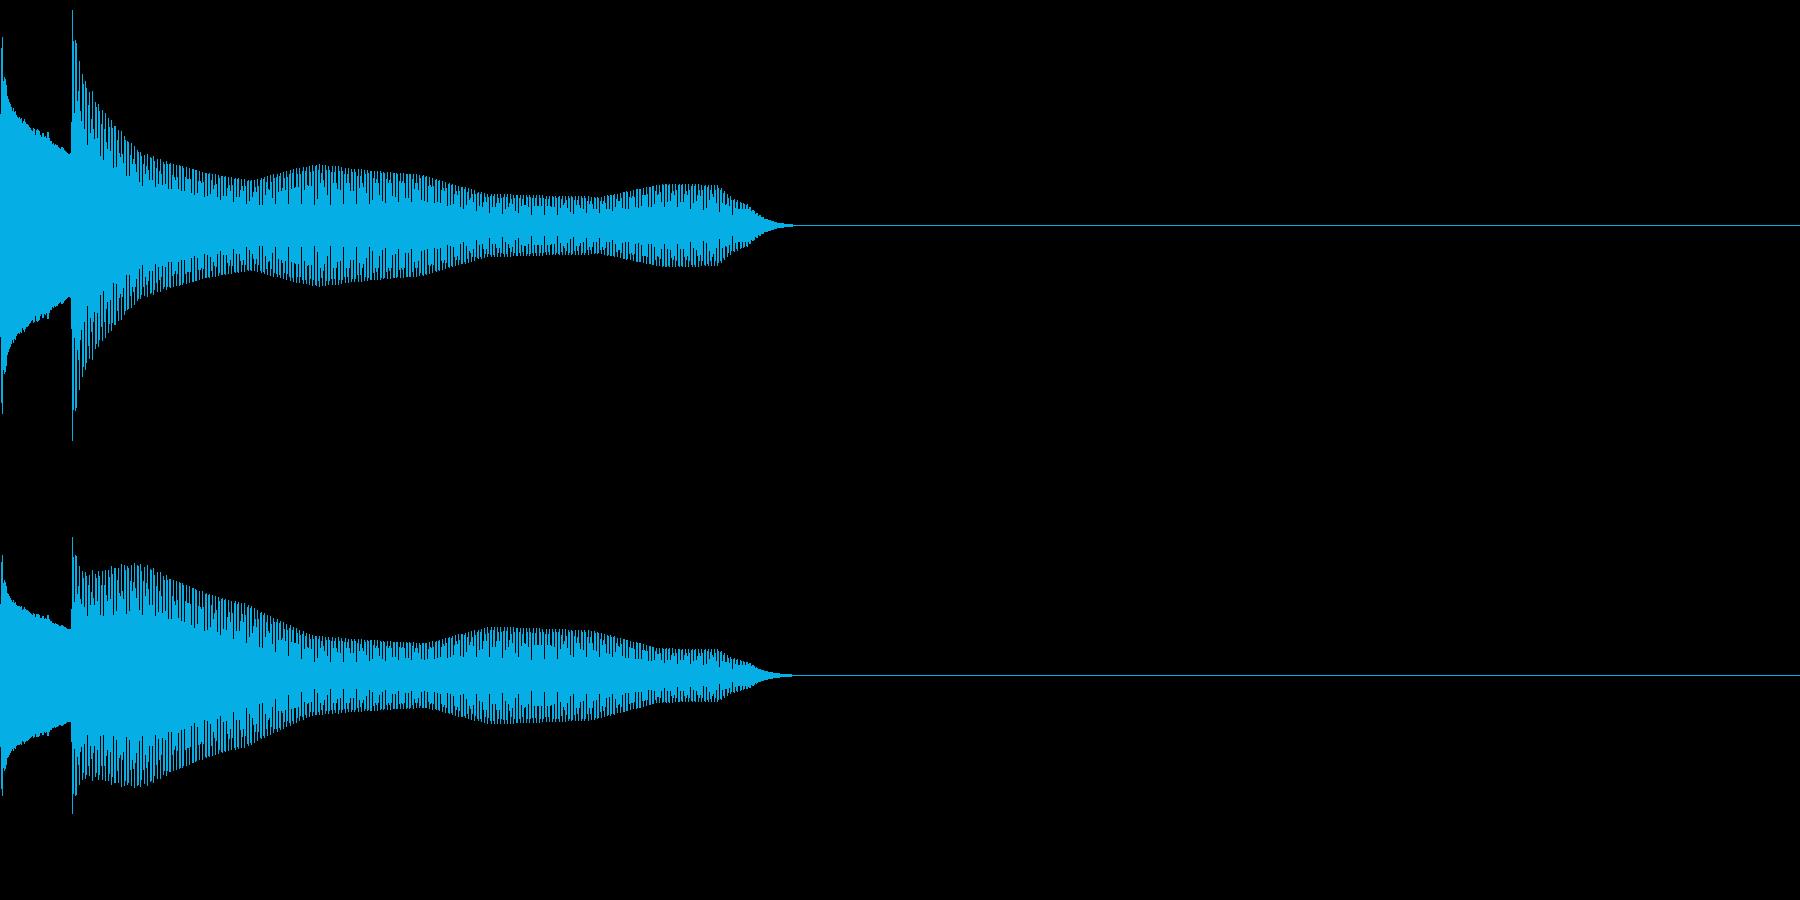 サウンドロゴ22_シンセAAの再生済みの波形